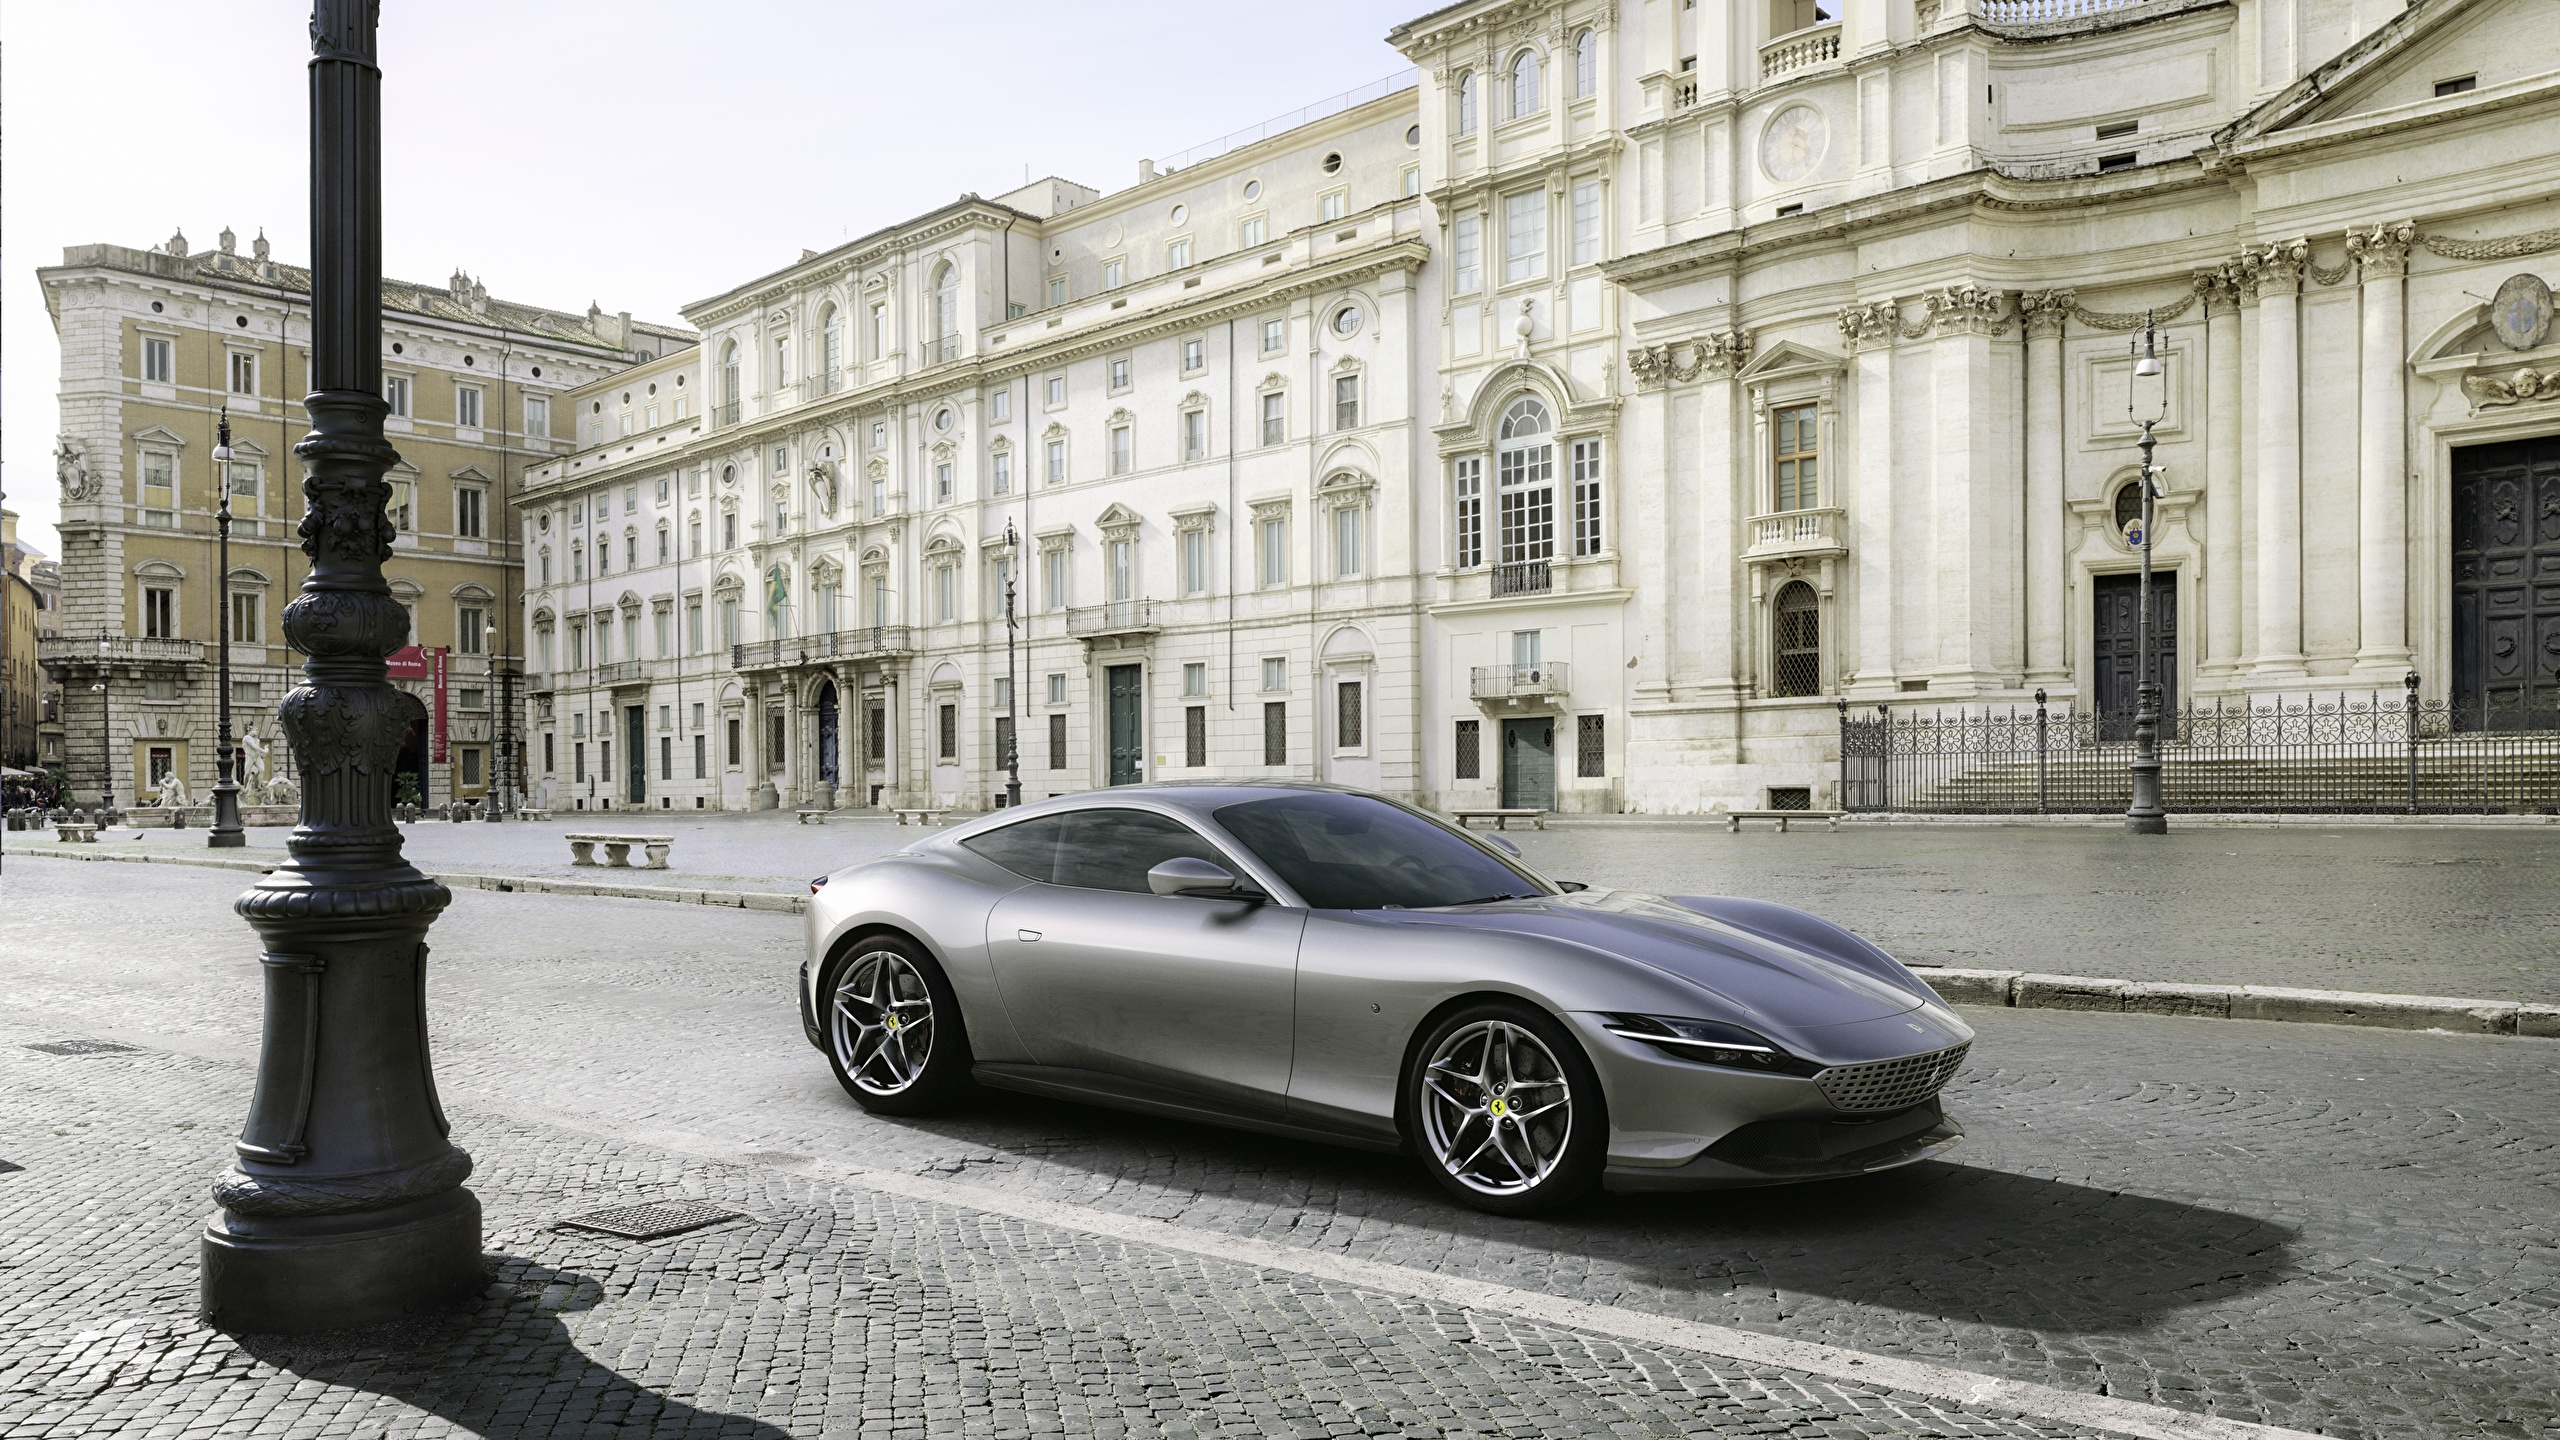 Fondos De Pantalla 2560x1440 Ferrari Roma 2020 Gris Metalico Coupe Coches Descargar Imagenes